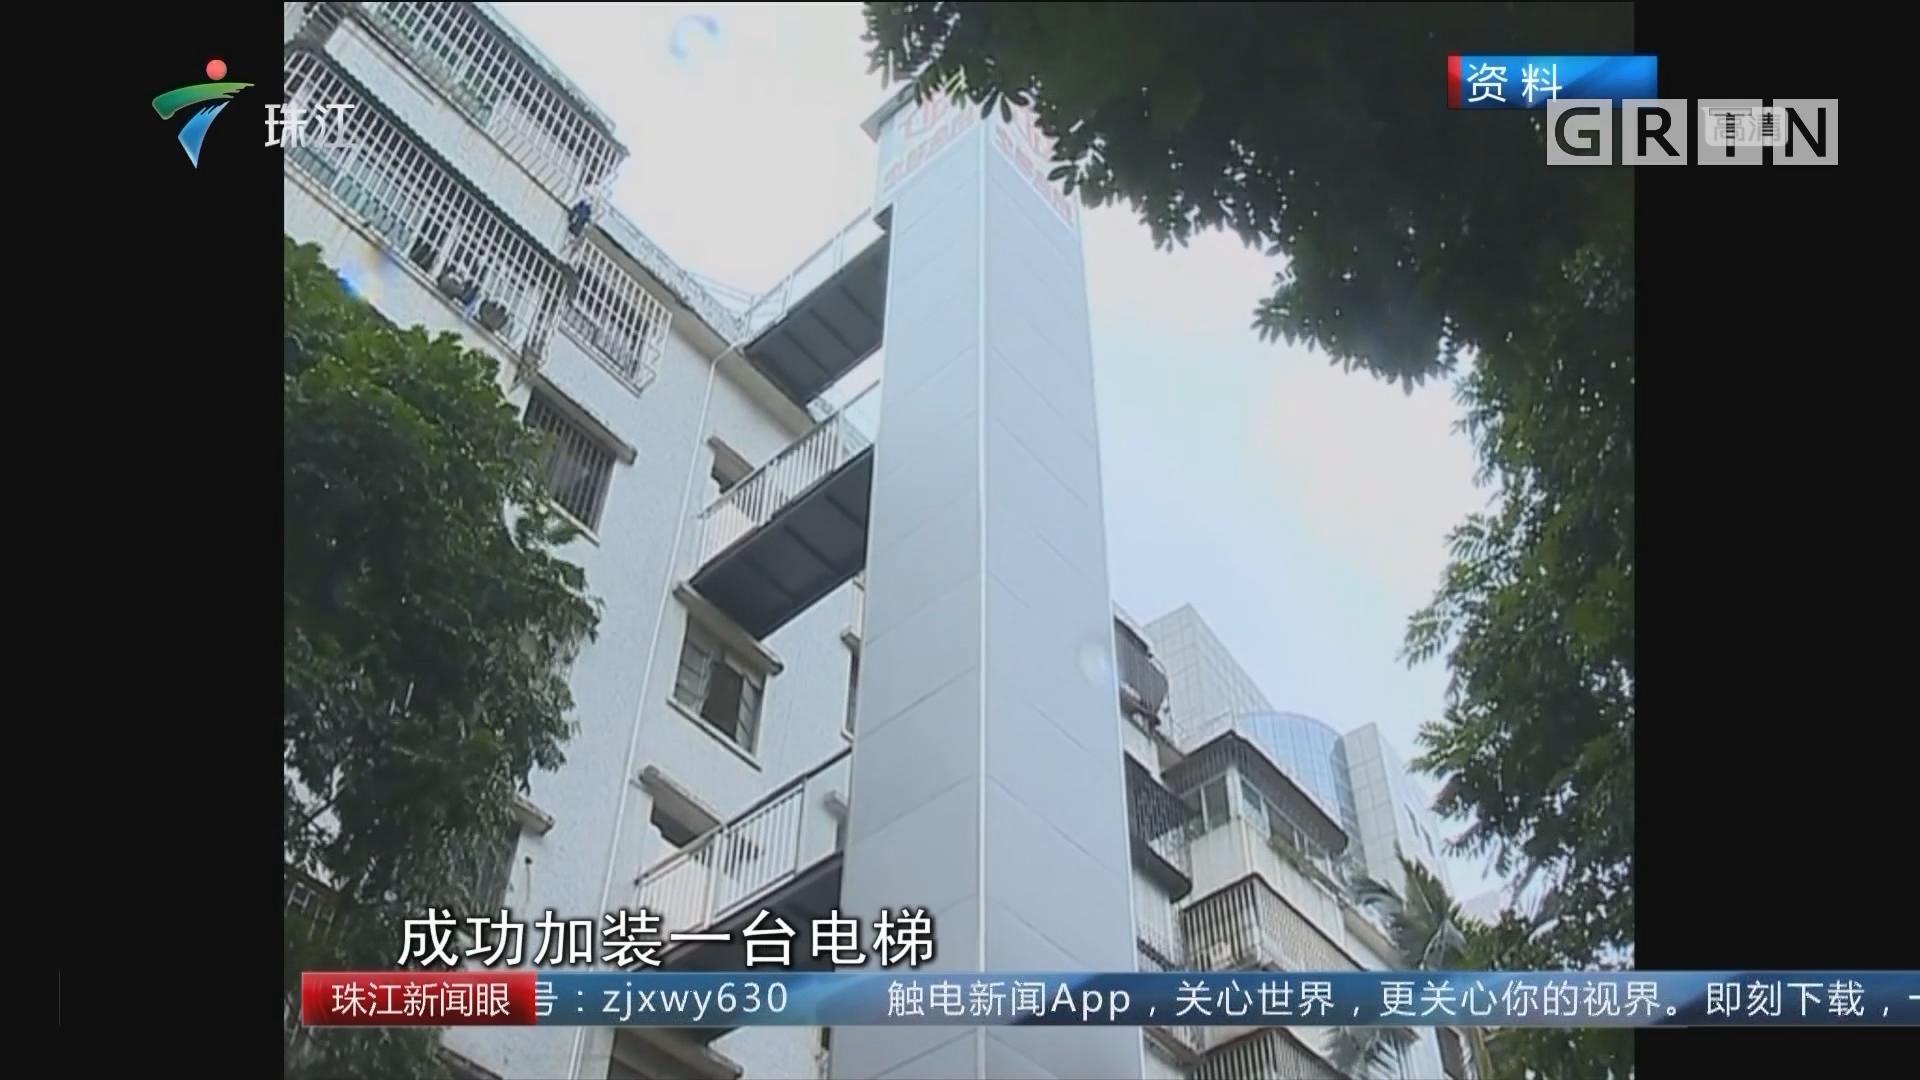 番禺:旧楼加装电梯每台补十万 困难家庭免费